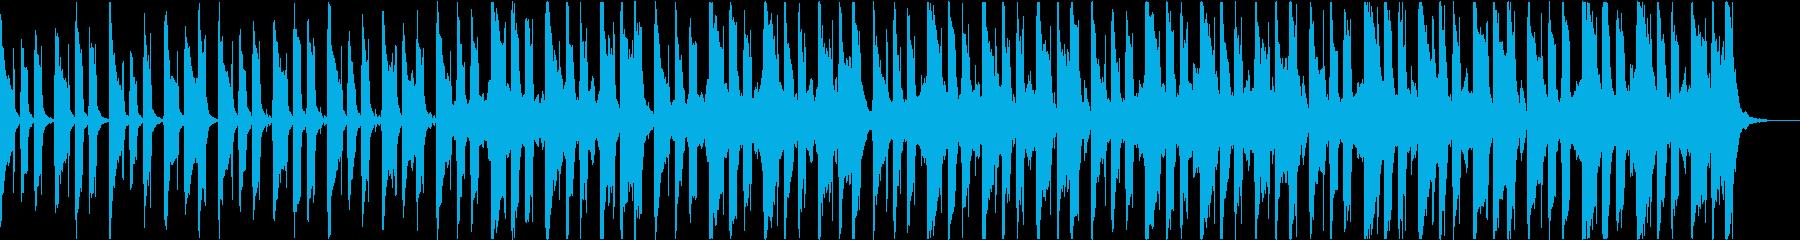 穏やかおしゃれかわいい軽快なボサノバbの再生済みの波形